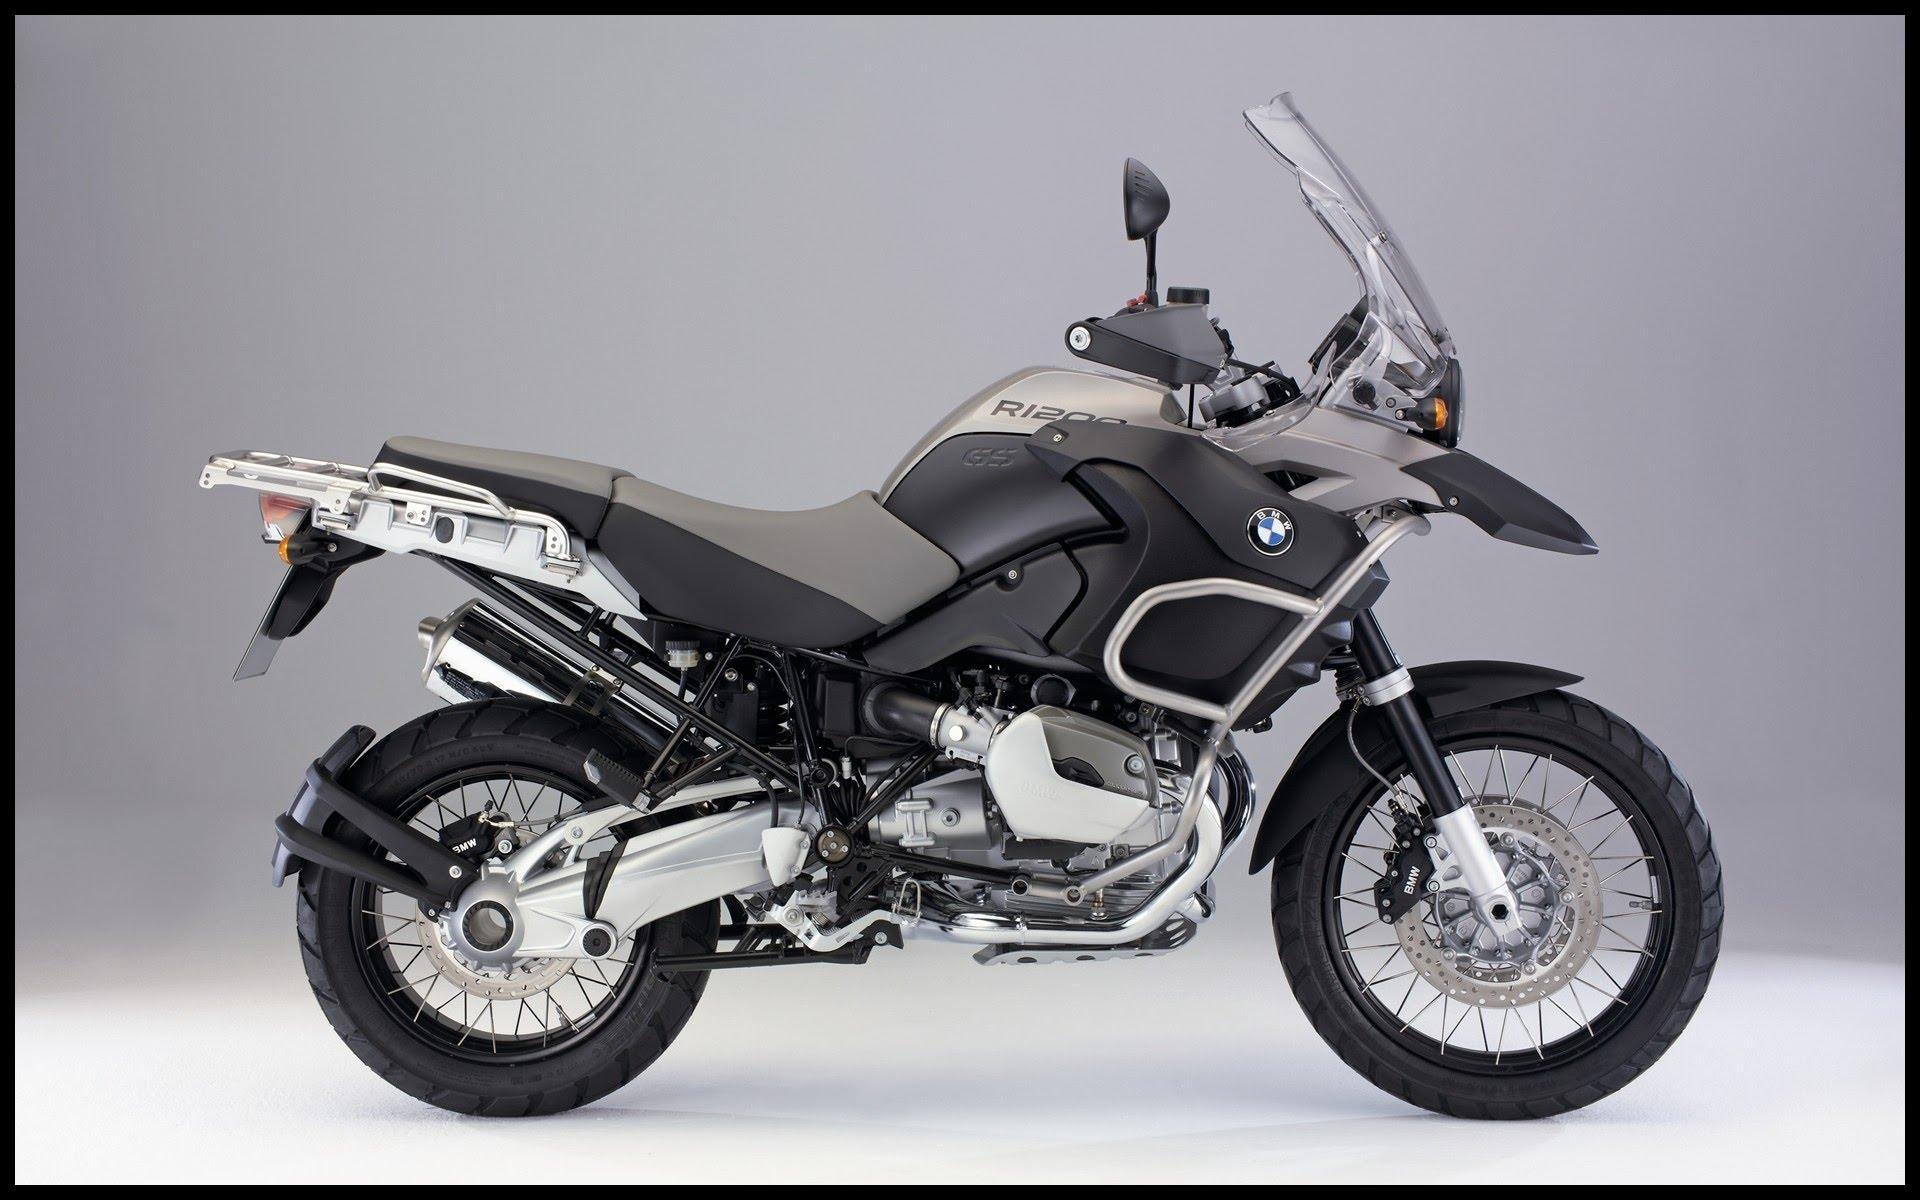 BMW R1200 GSA Riding Review Eurotek OKC